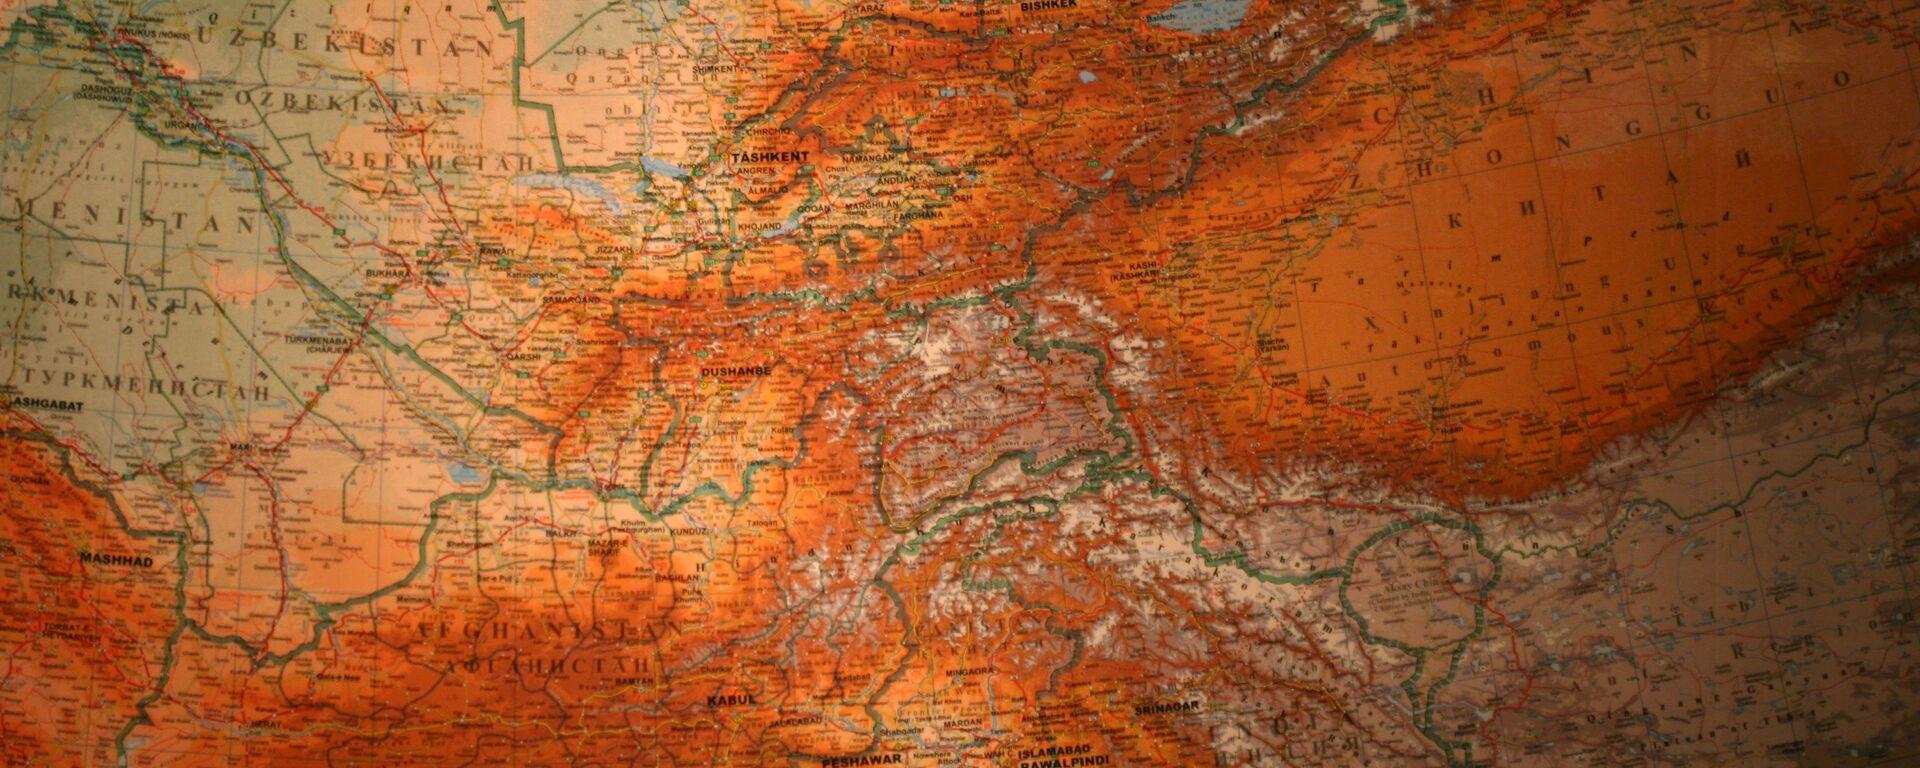 El mapa de Asia Central - Sputnik Mundo, 1920, 23.08.2021